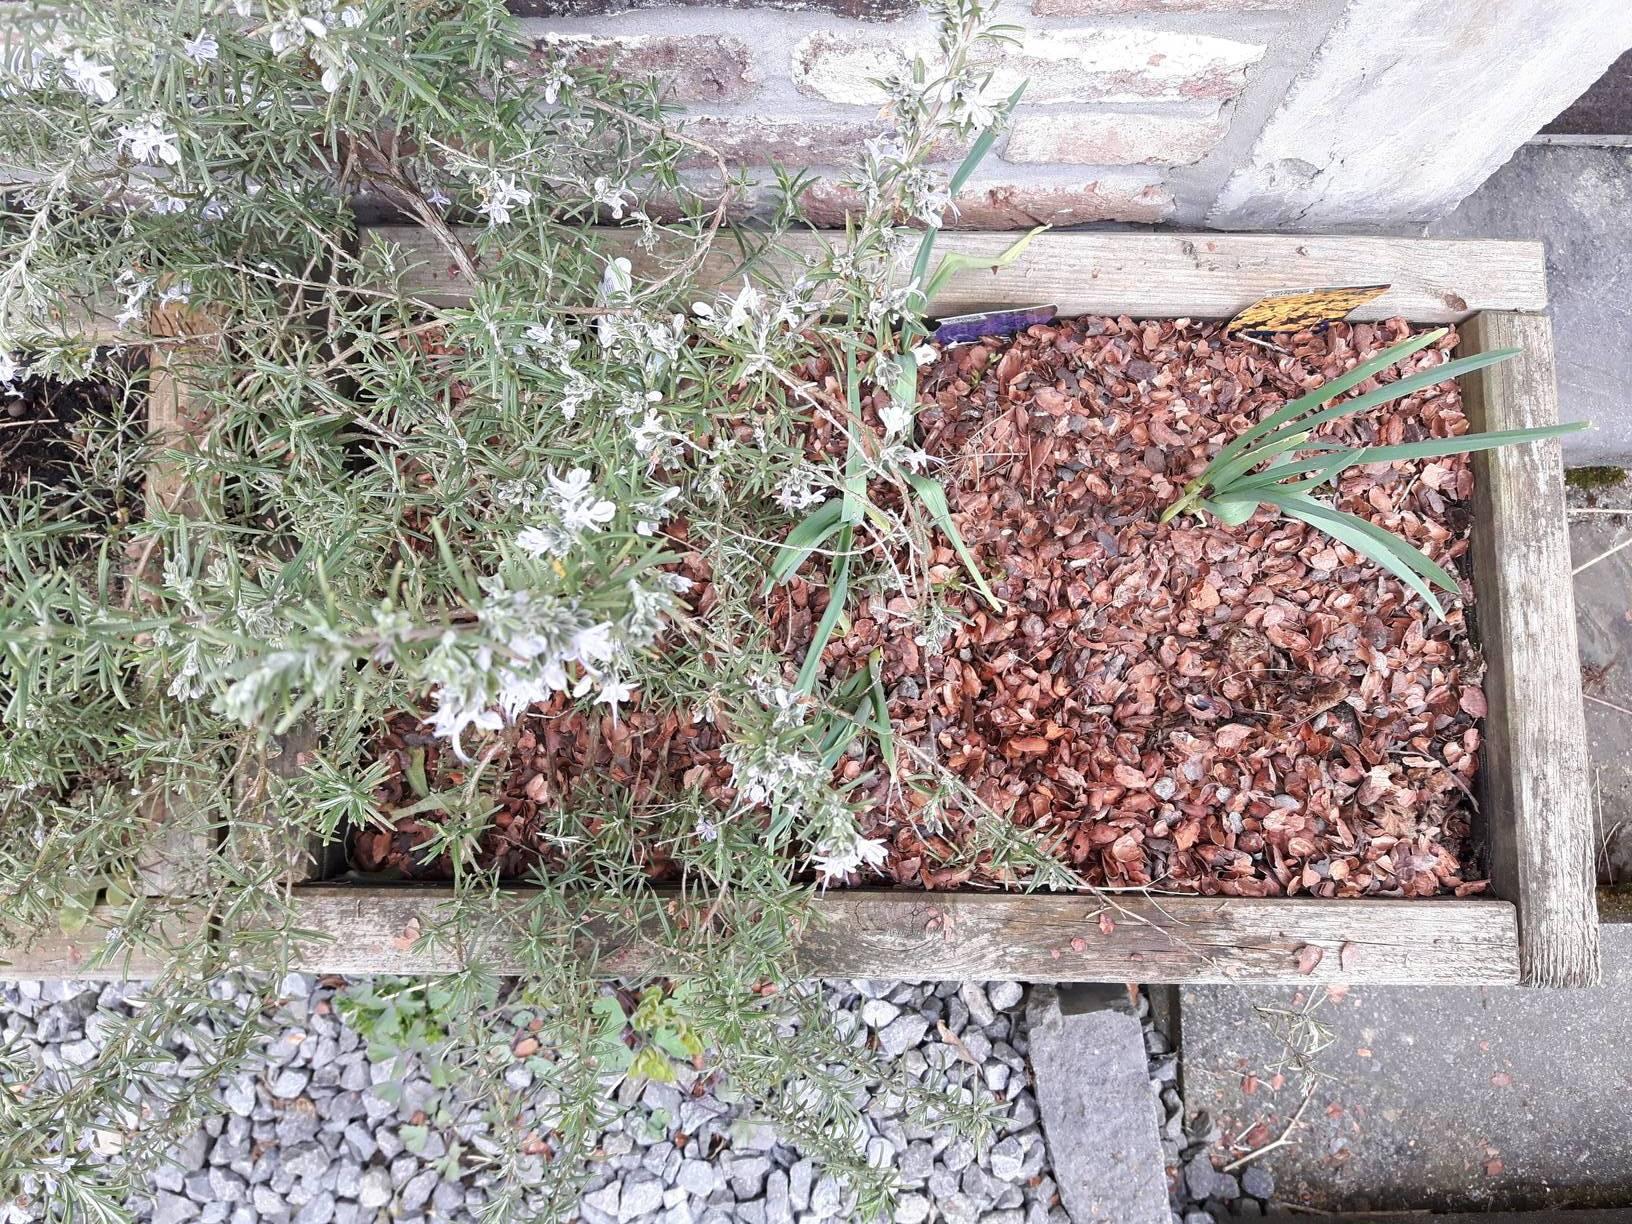 jardiniere_01_15-04-2018_02